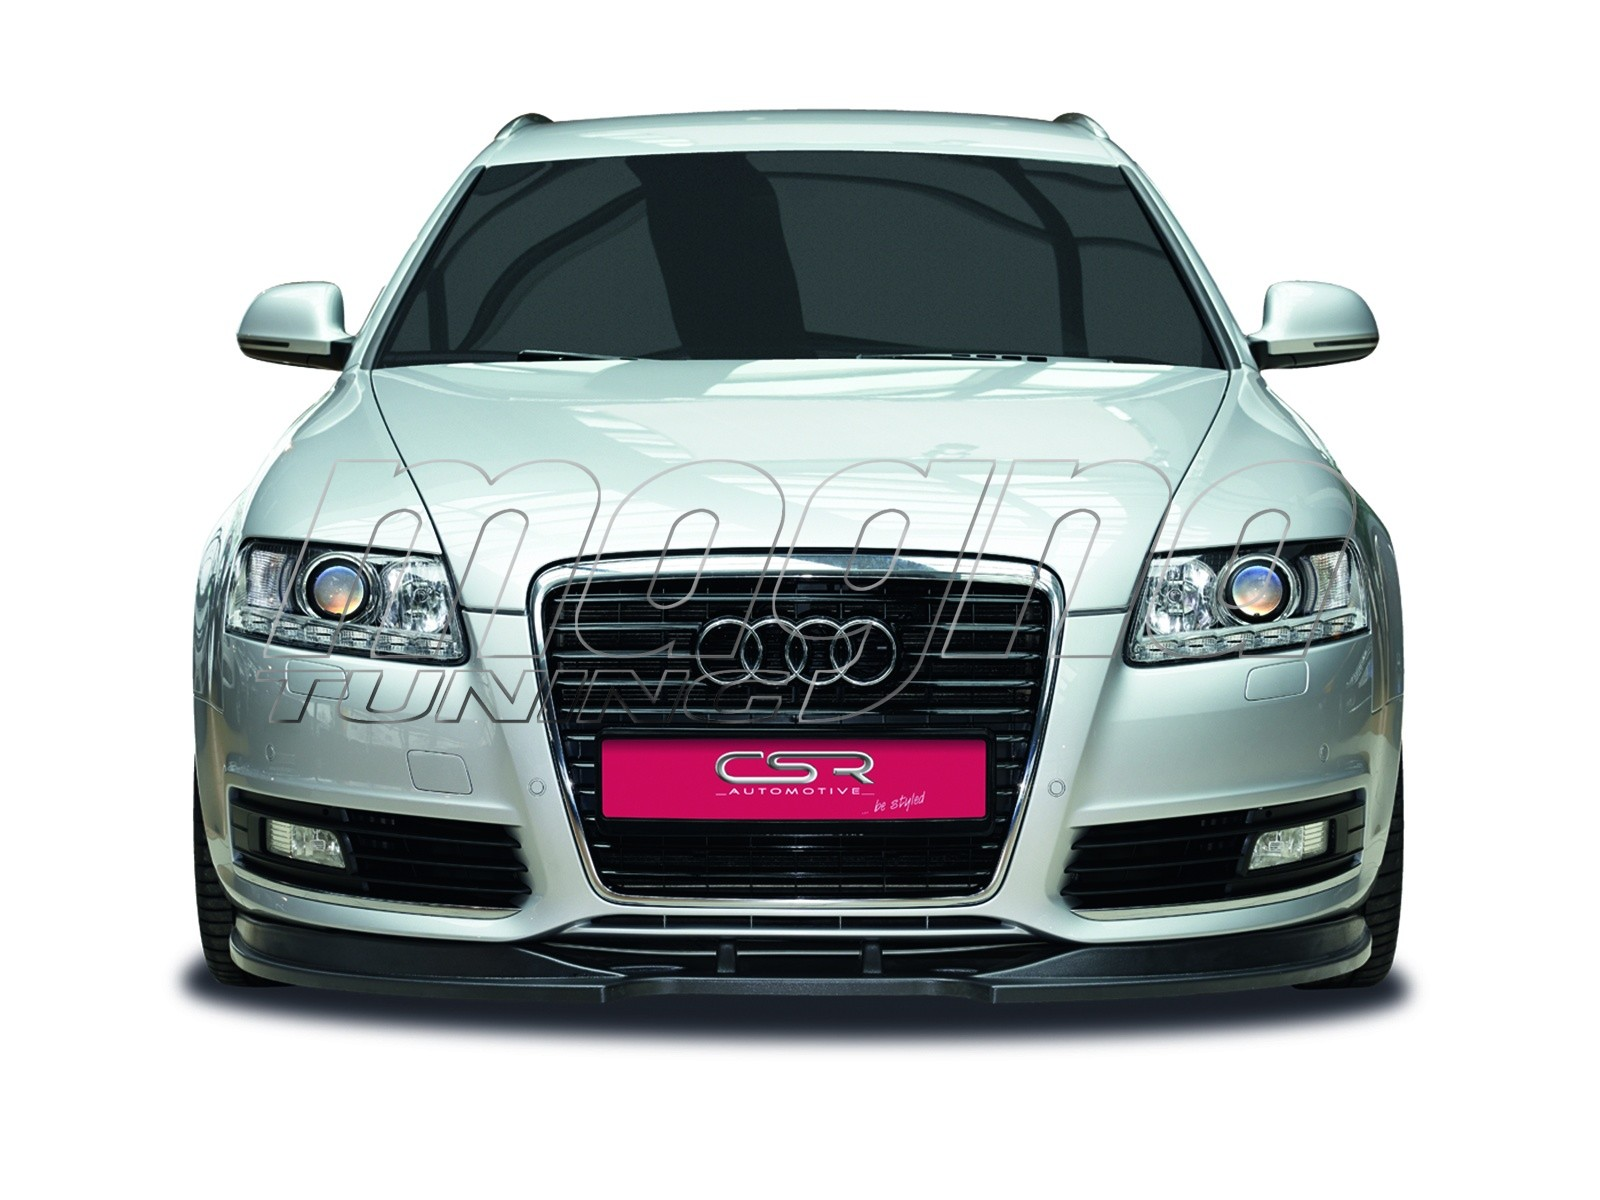 Audi A6 C6 / 4F Facelift NewLine Frontansatz